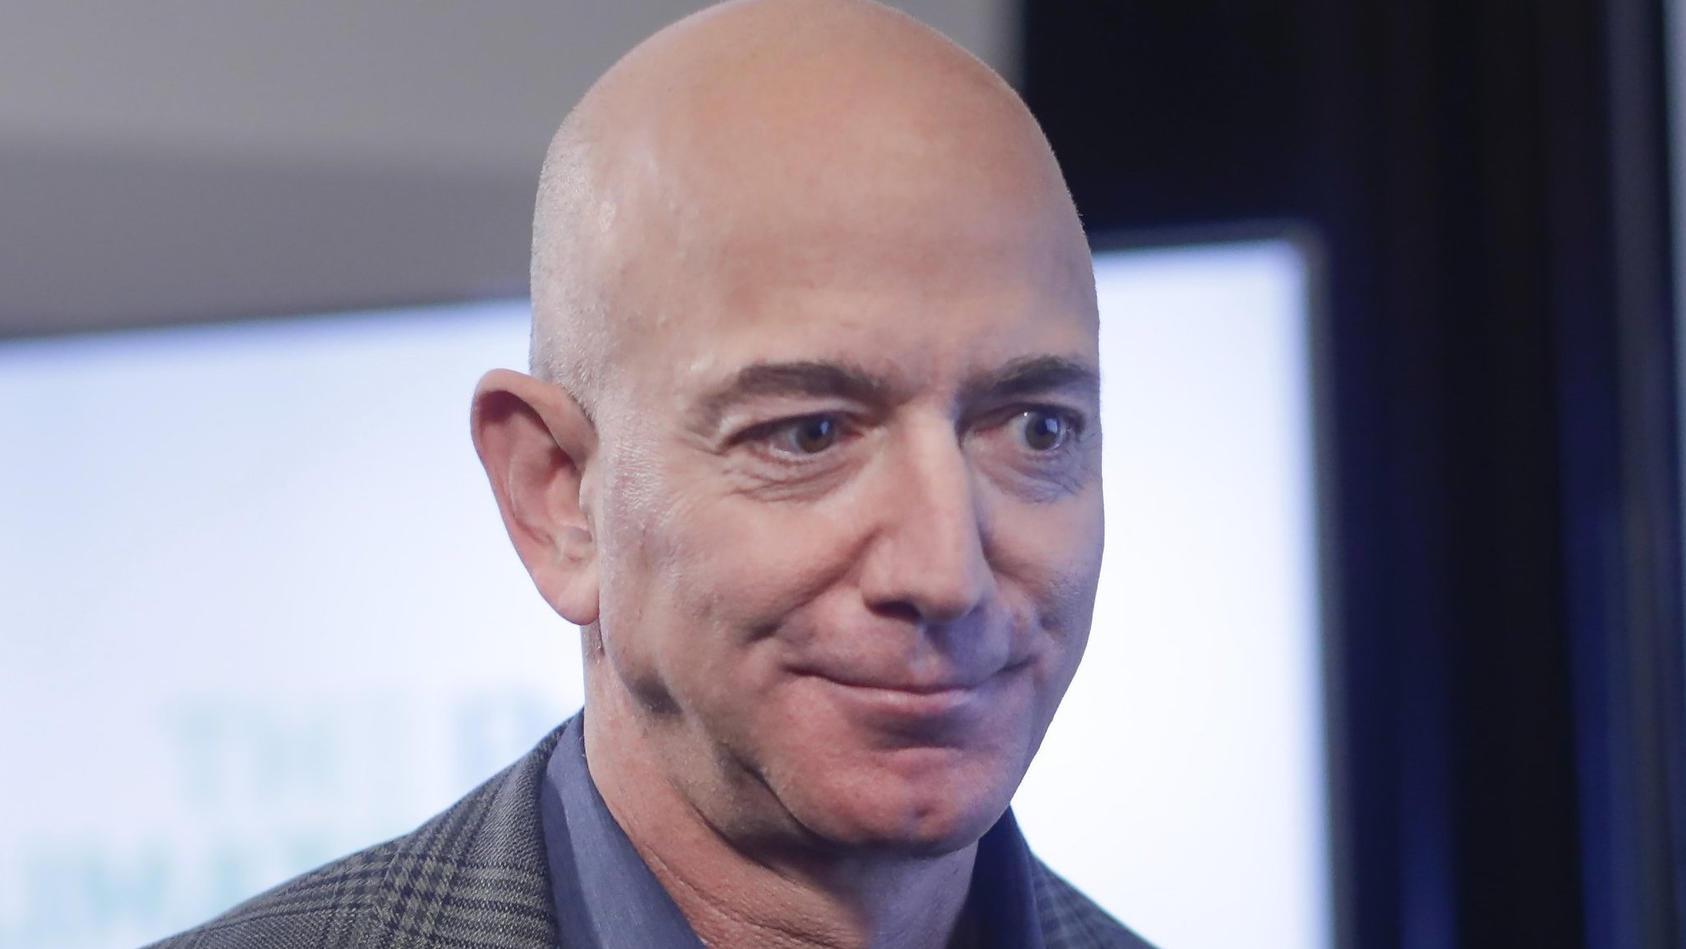 Jeff Bezos ist der reichste Mann der Welt